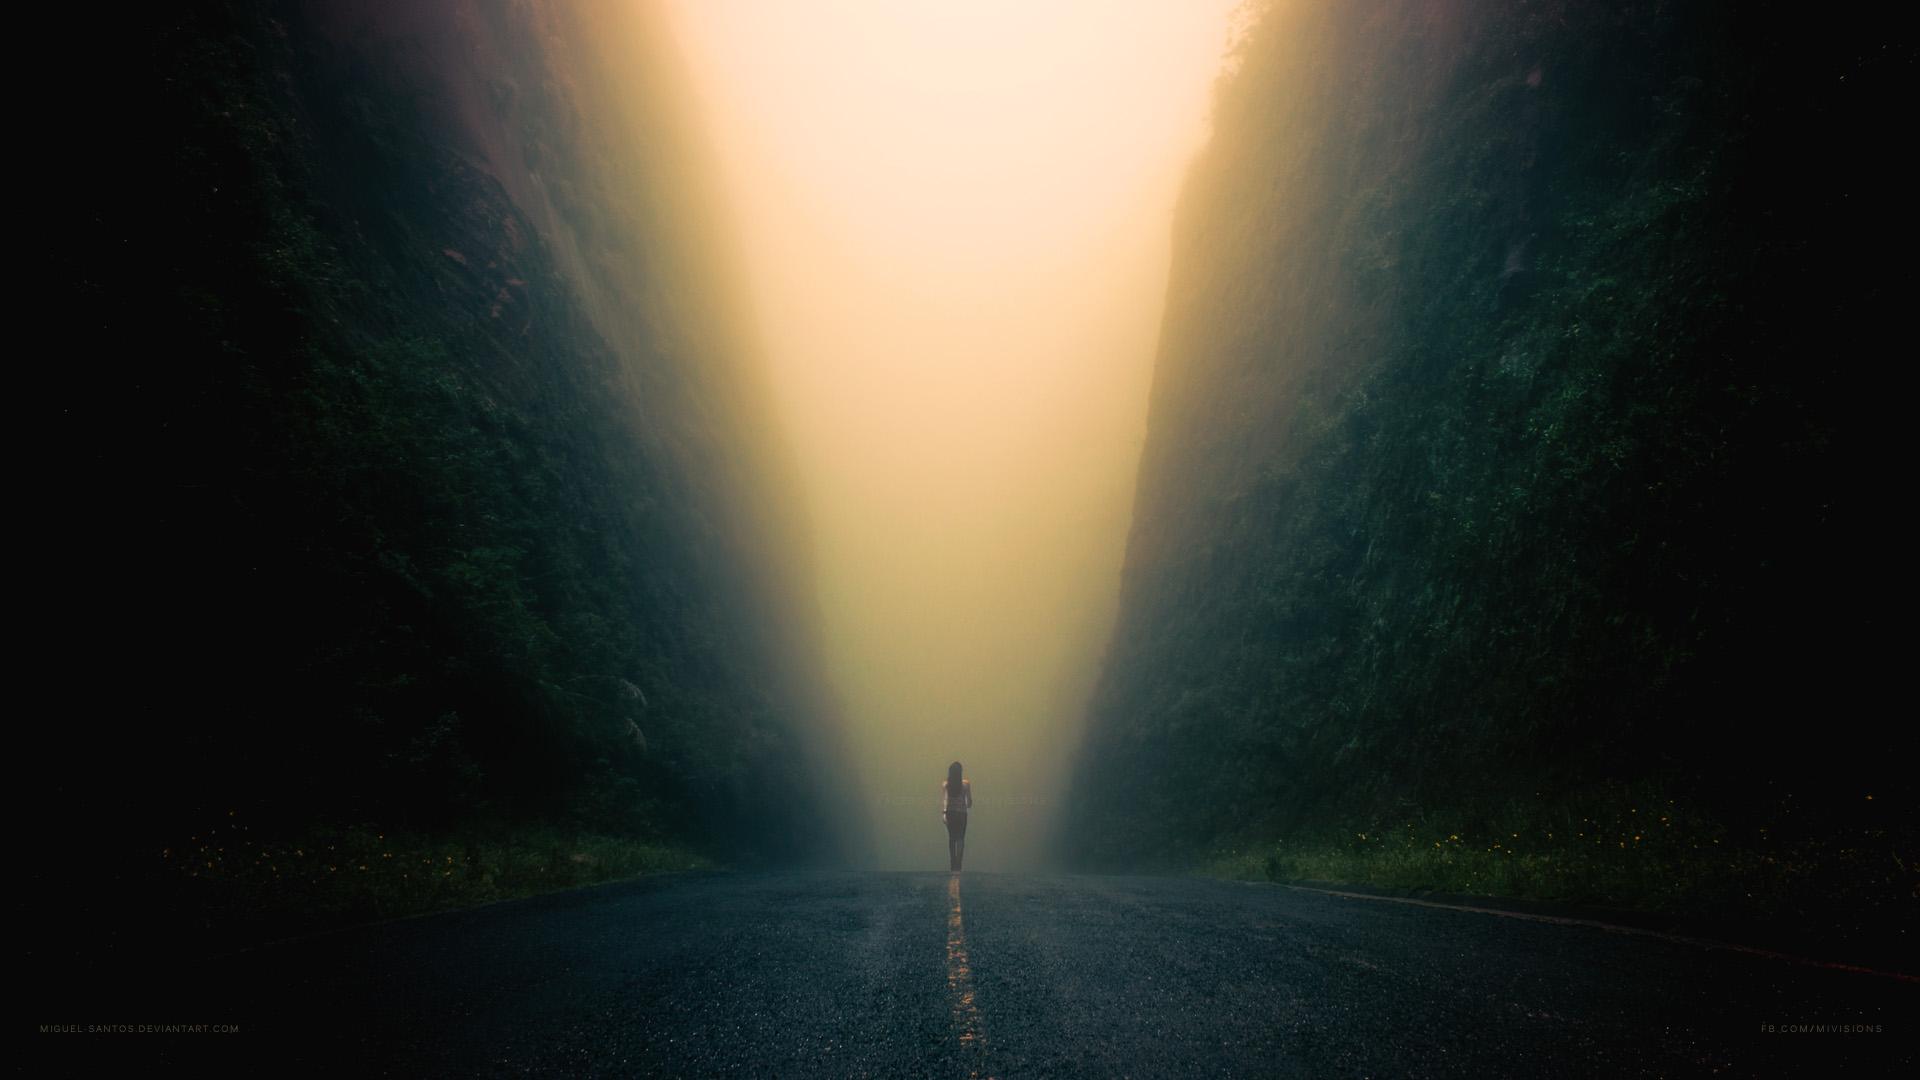 1032-the-long-road-ahead-miguel-santos